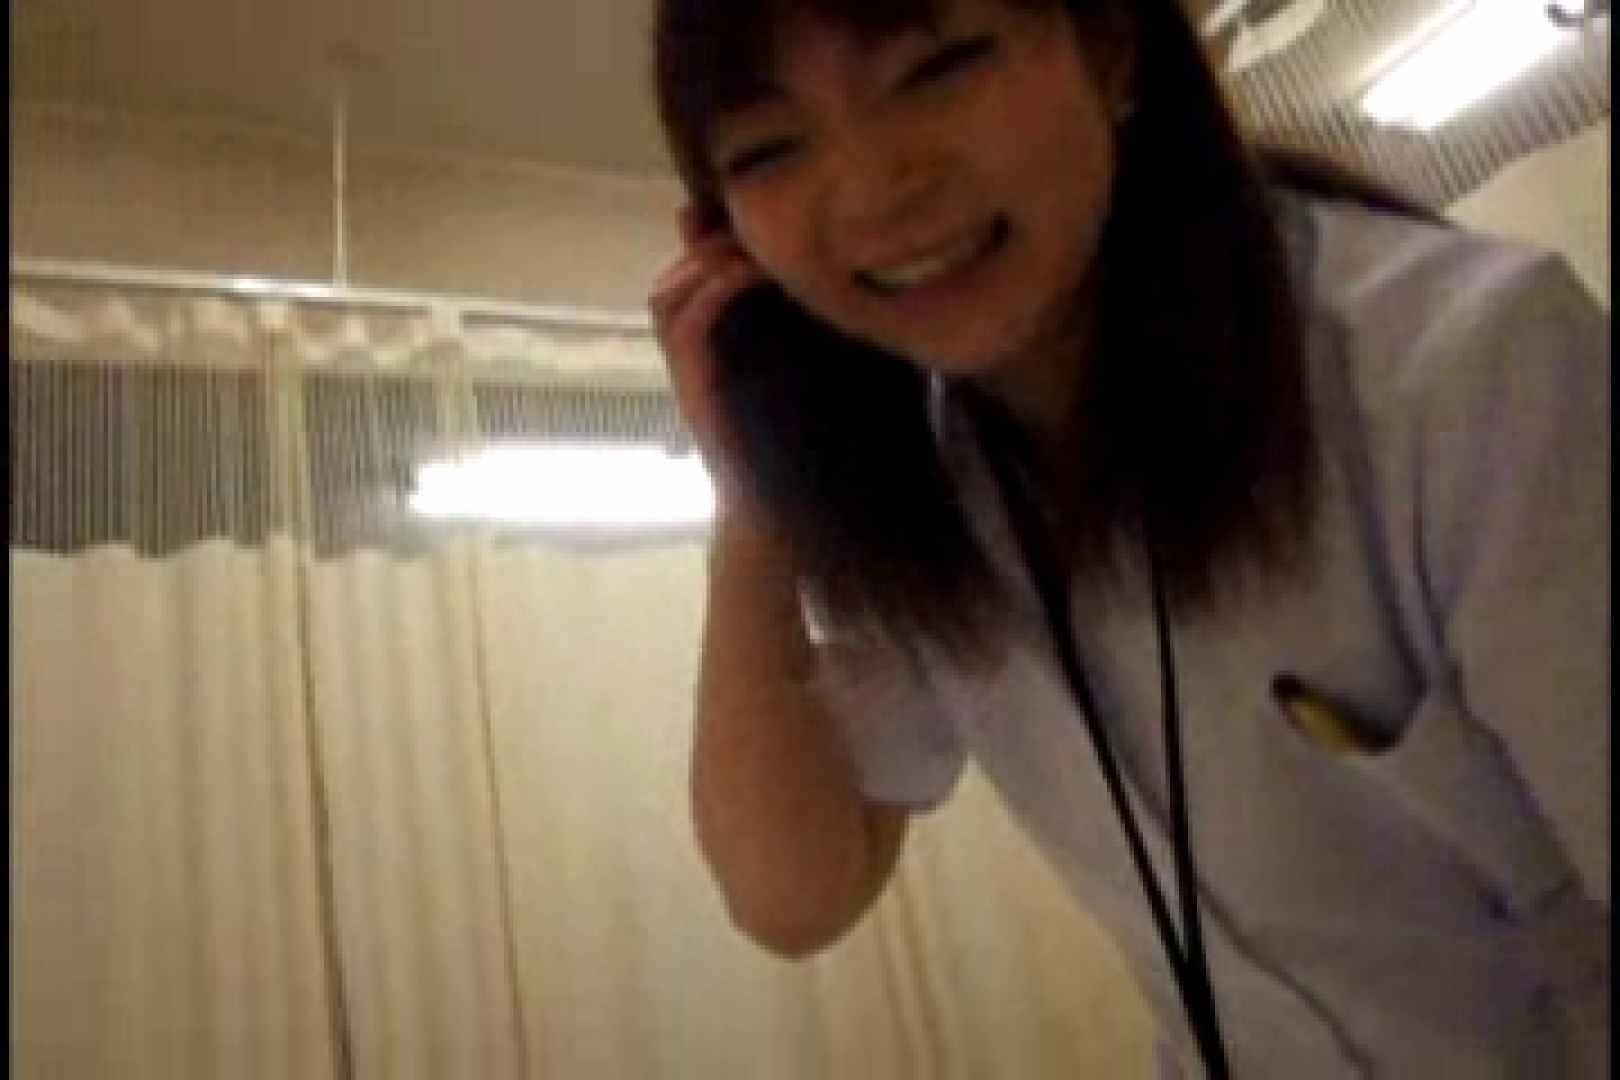 ヤリマンと呼ばれた看護士さんvol1 シックスナイン  98pic 17